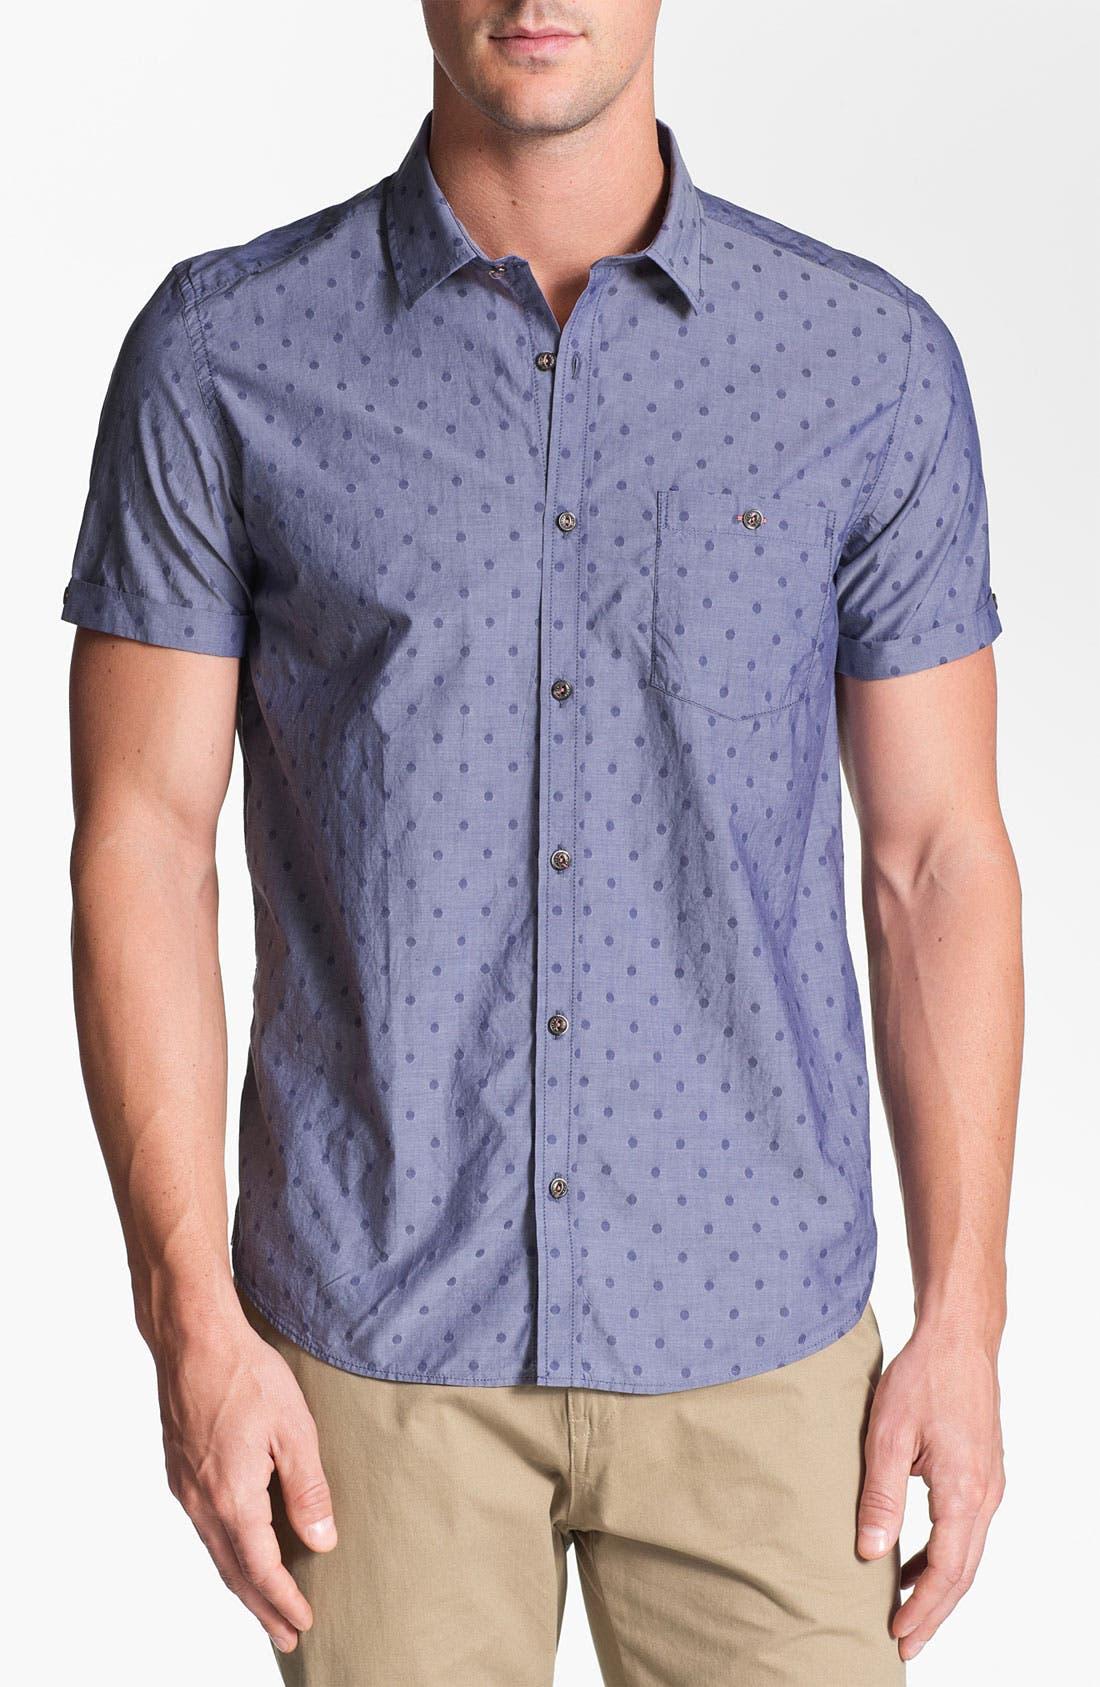 Alternate Image 1 Selected - Ted Baker London 'Metrosp Dobby' Regular Fit Short Sleeve Sport Shirt